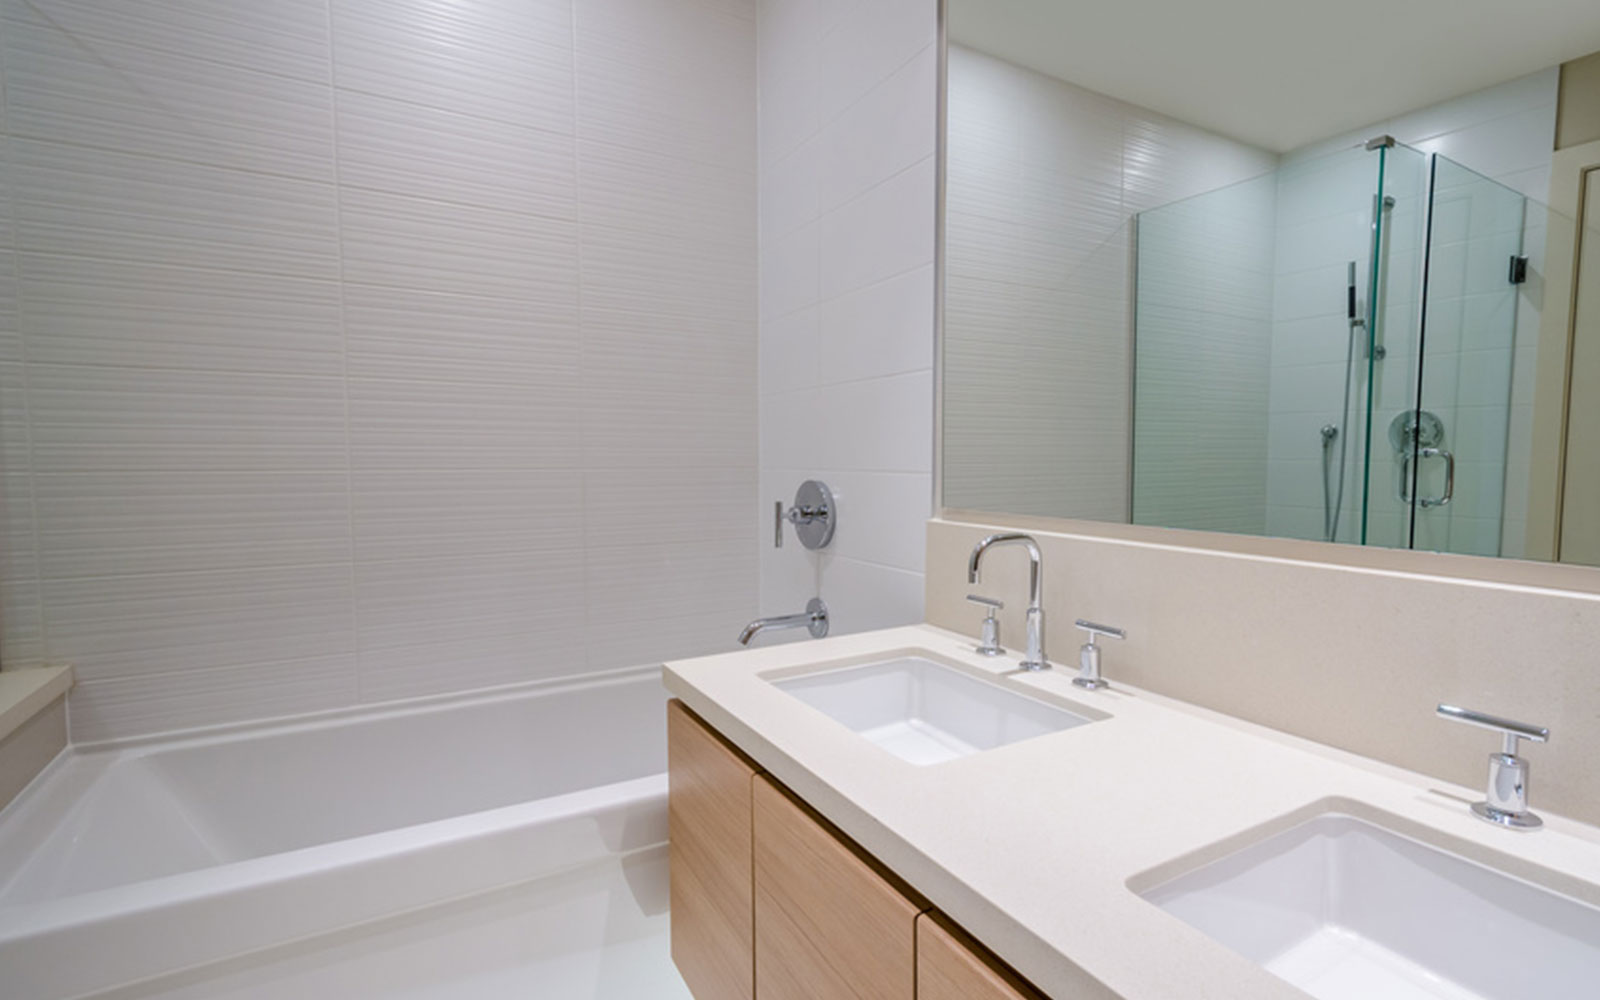 installation-salle-de-bain-sani-elec-services-maing-valenciennes-saint-amand-les-eaux-caudry